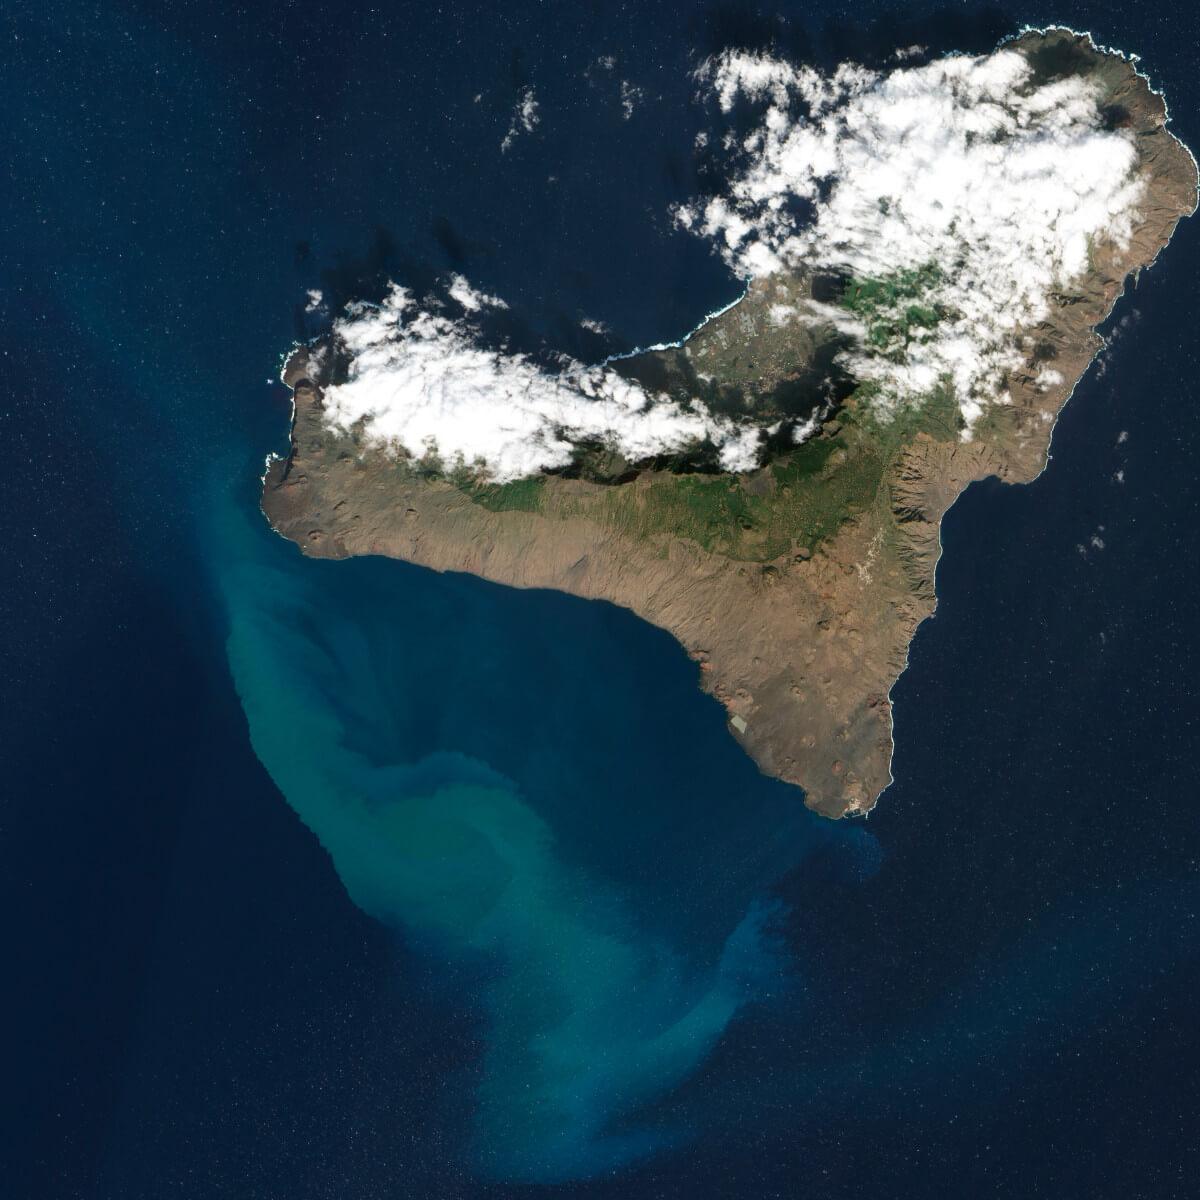 Kanári-szigetek-nyaralás-vulkánok-túra-el-hiero-viasale-travel-4